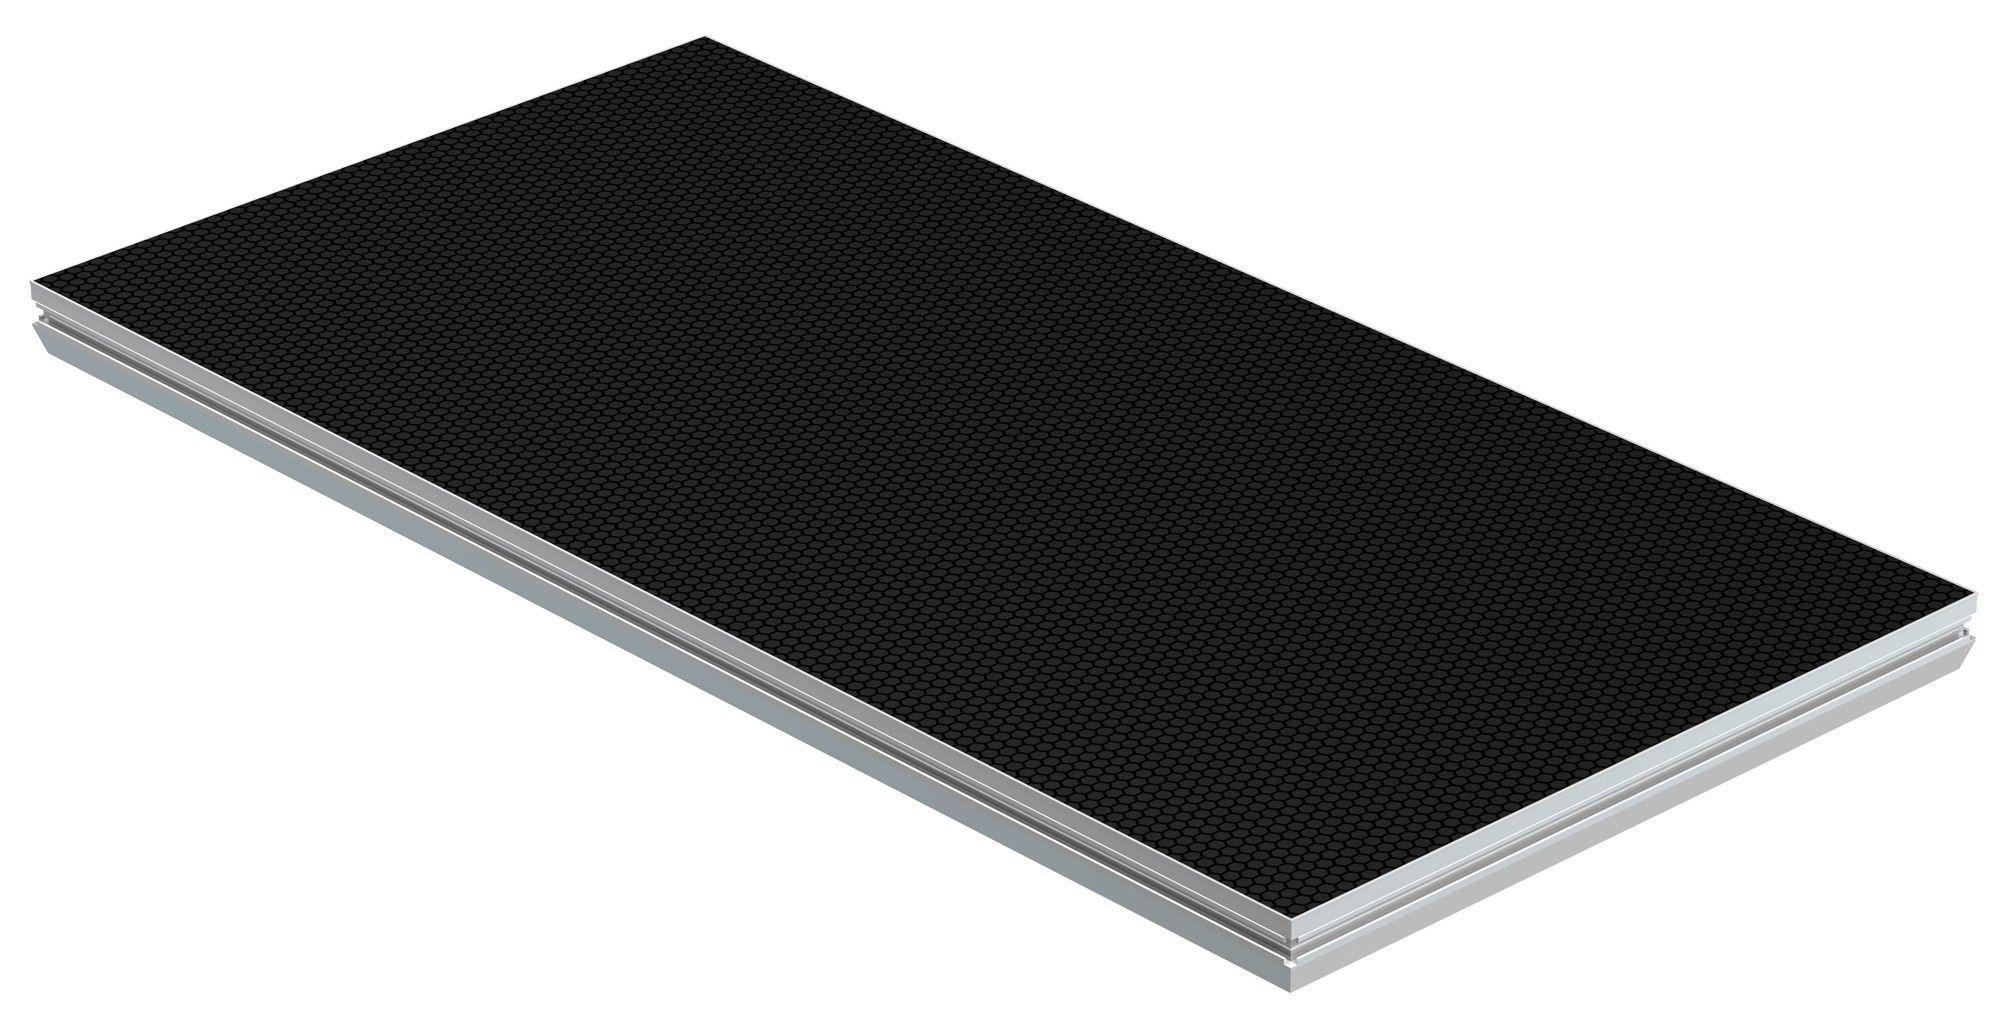 Afbeelding van Power Dynamics Deck750 4x4 voet HEXA afwerking...